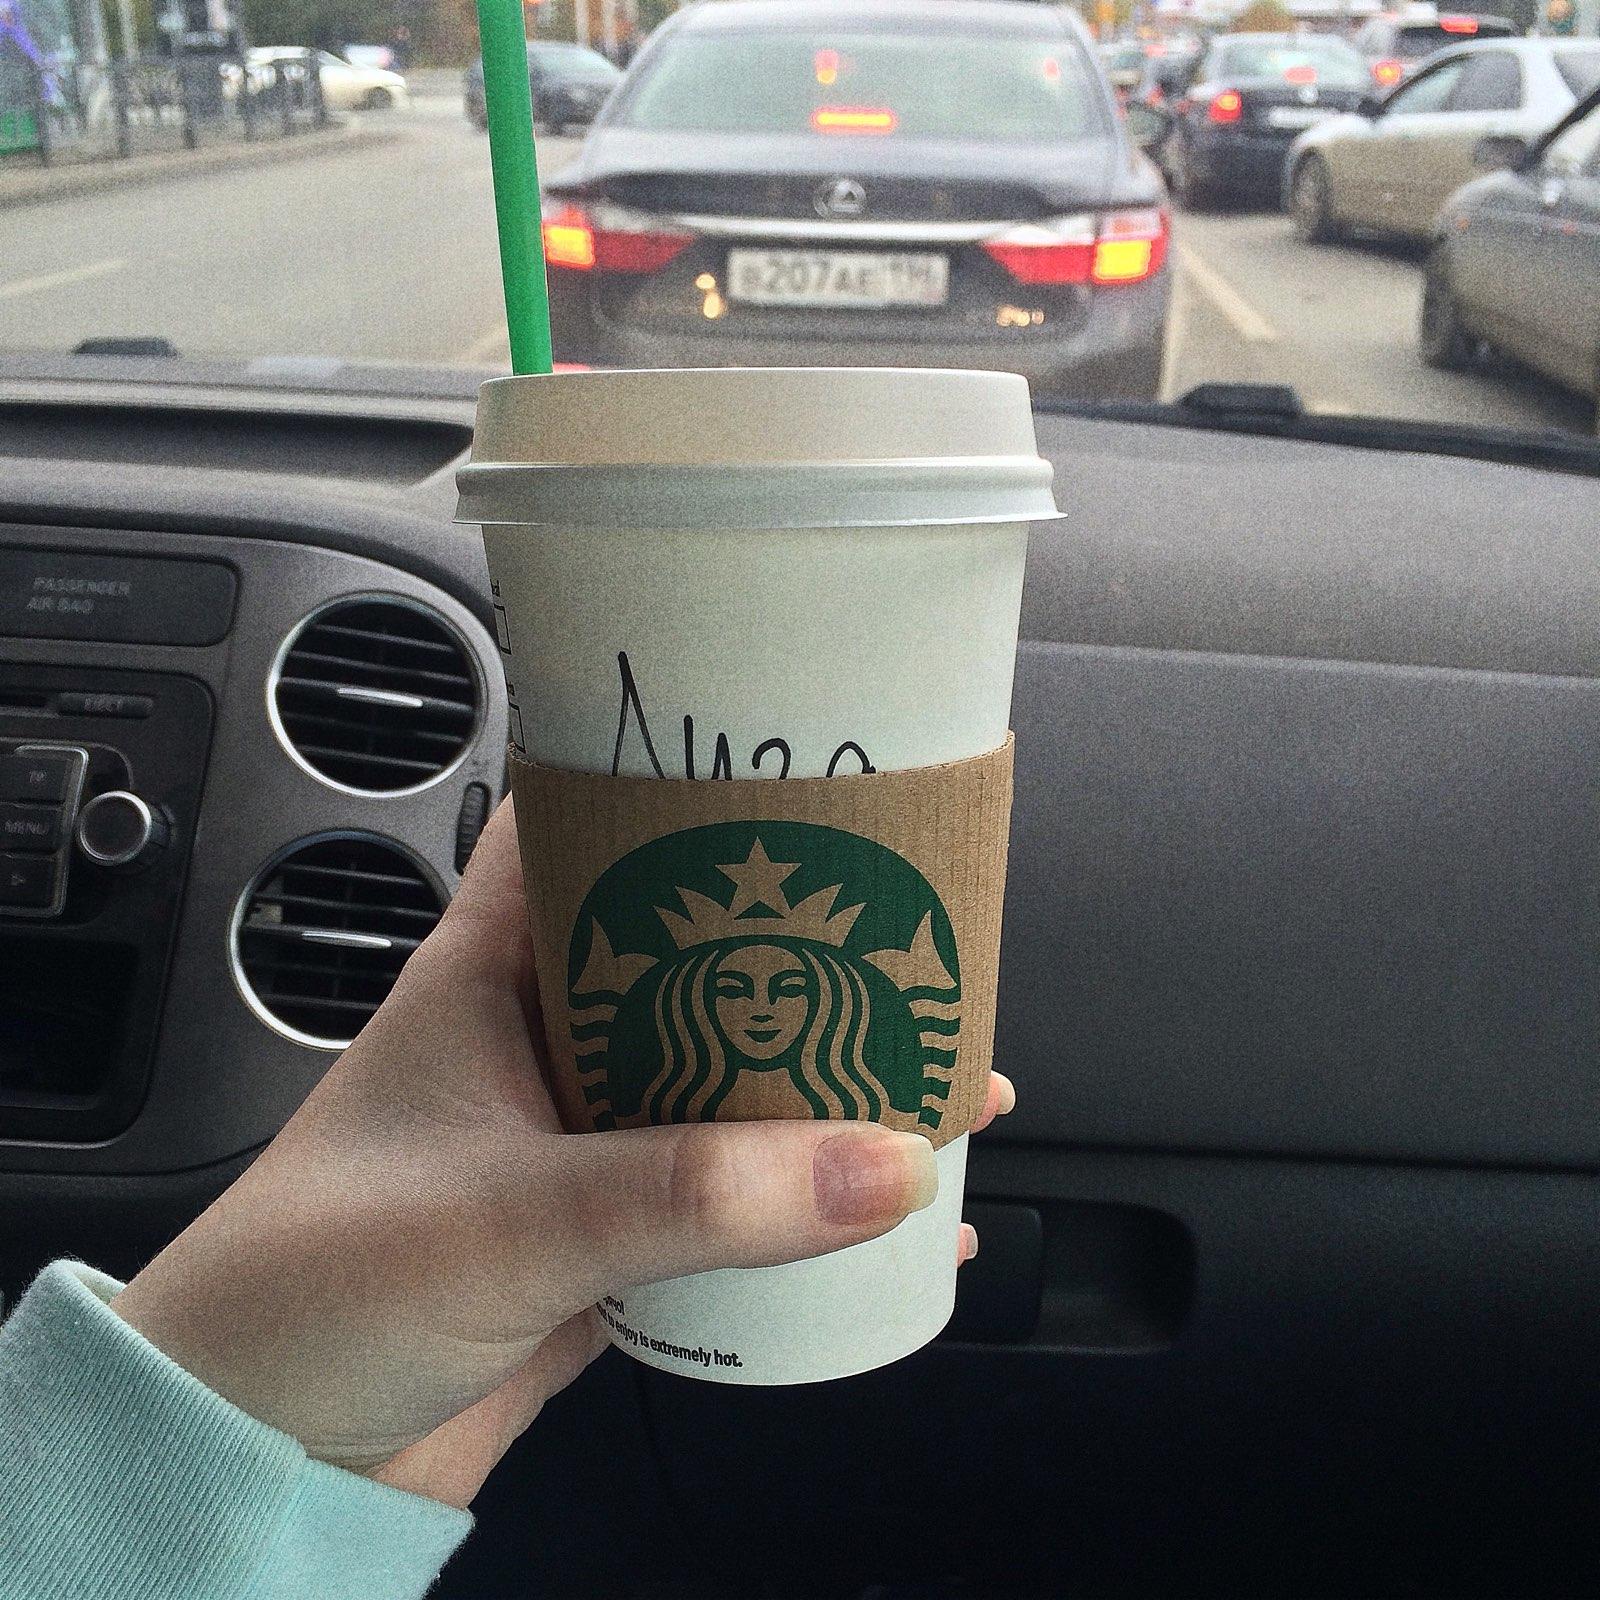 фото кофе старбакс в женских руках в машине хорошо, что сделали